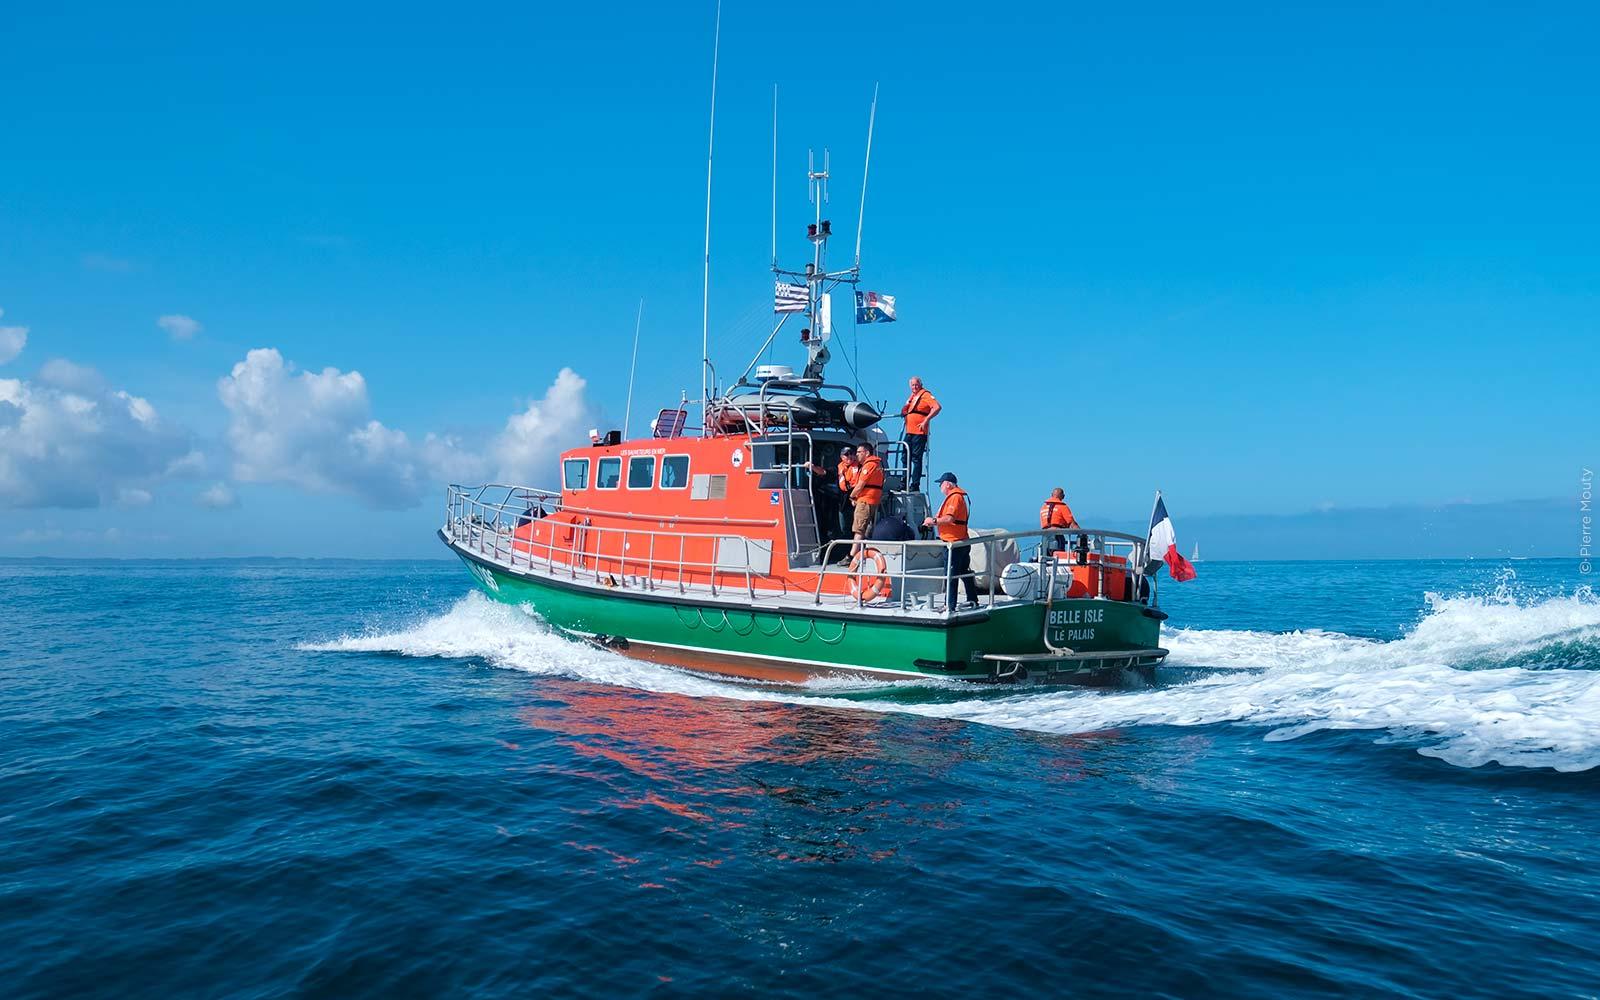 Le canot de sauvetage Belle-Isle